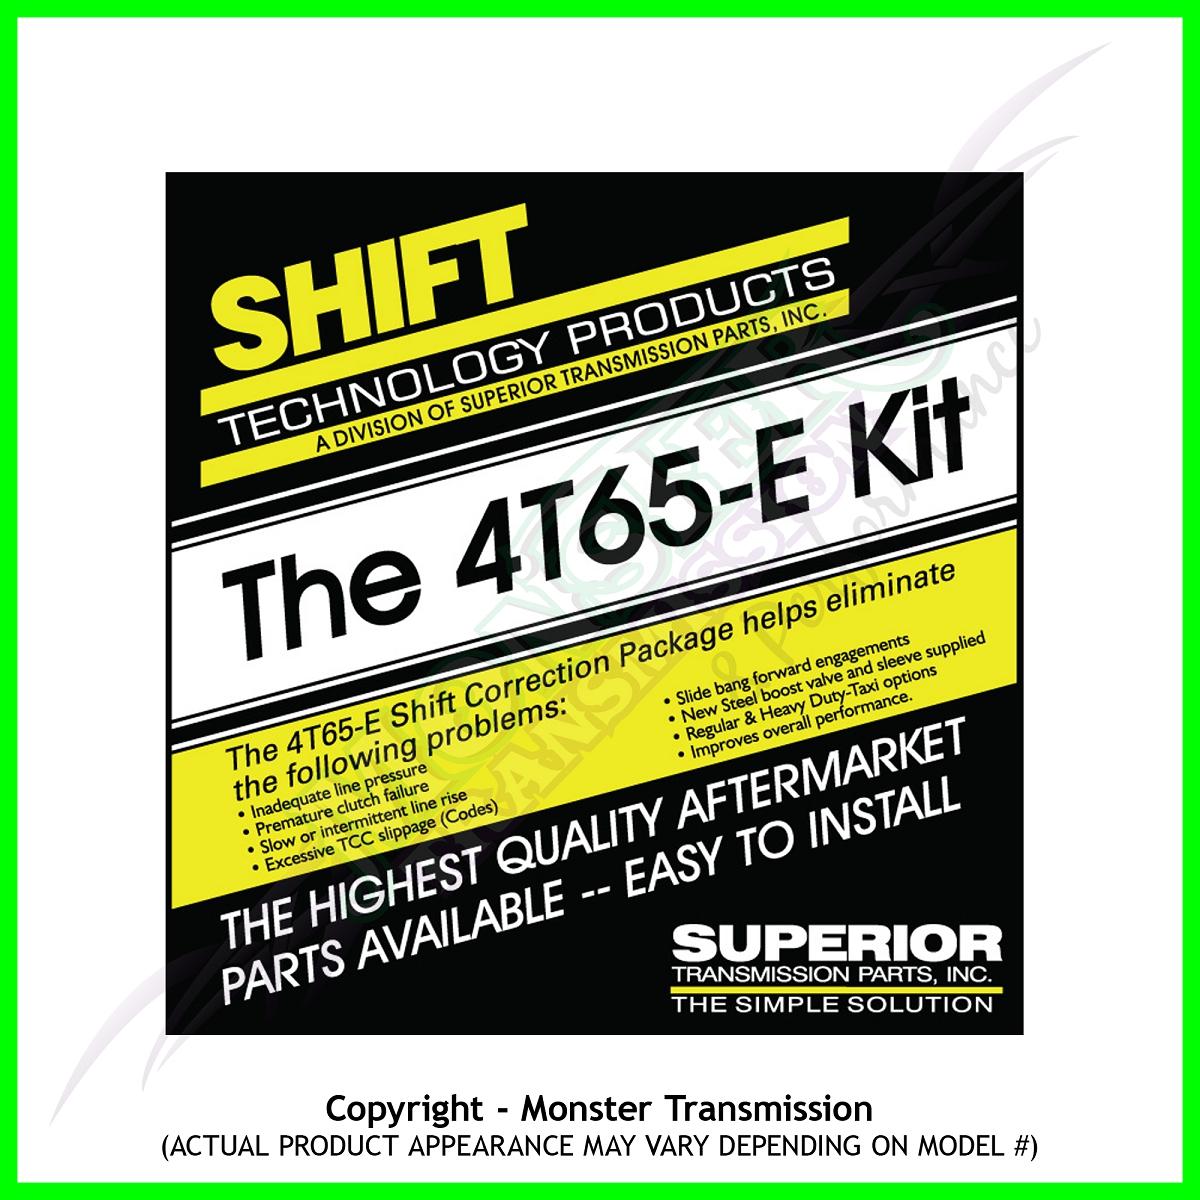 Superior | 4T65-E Kit